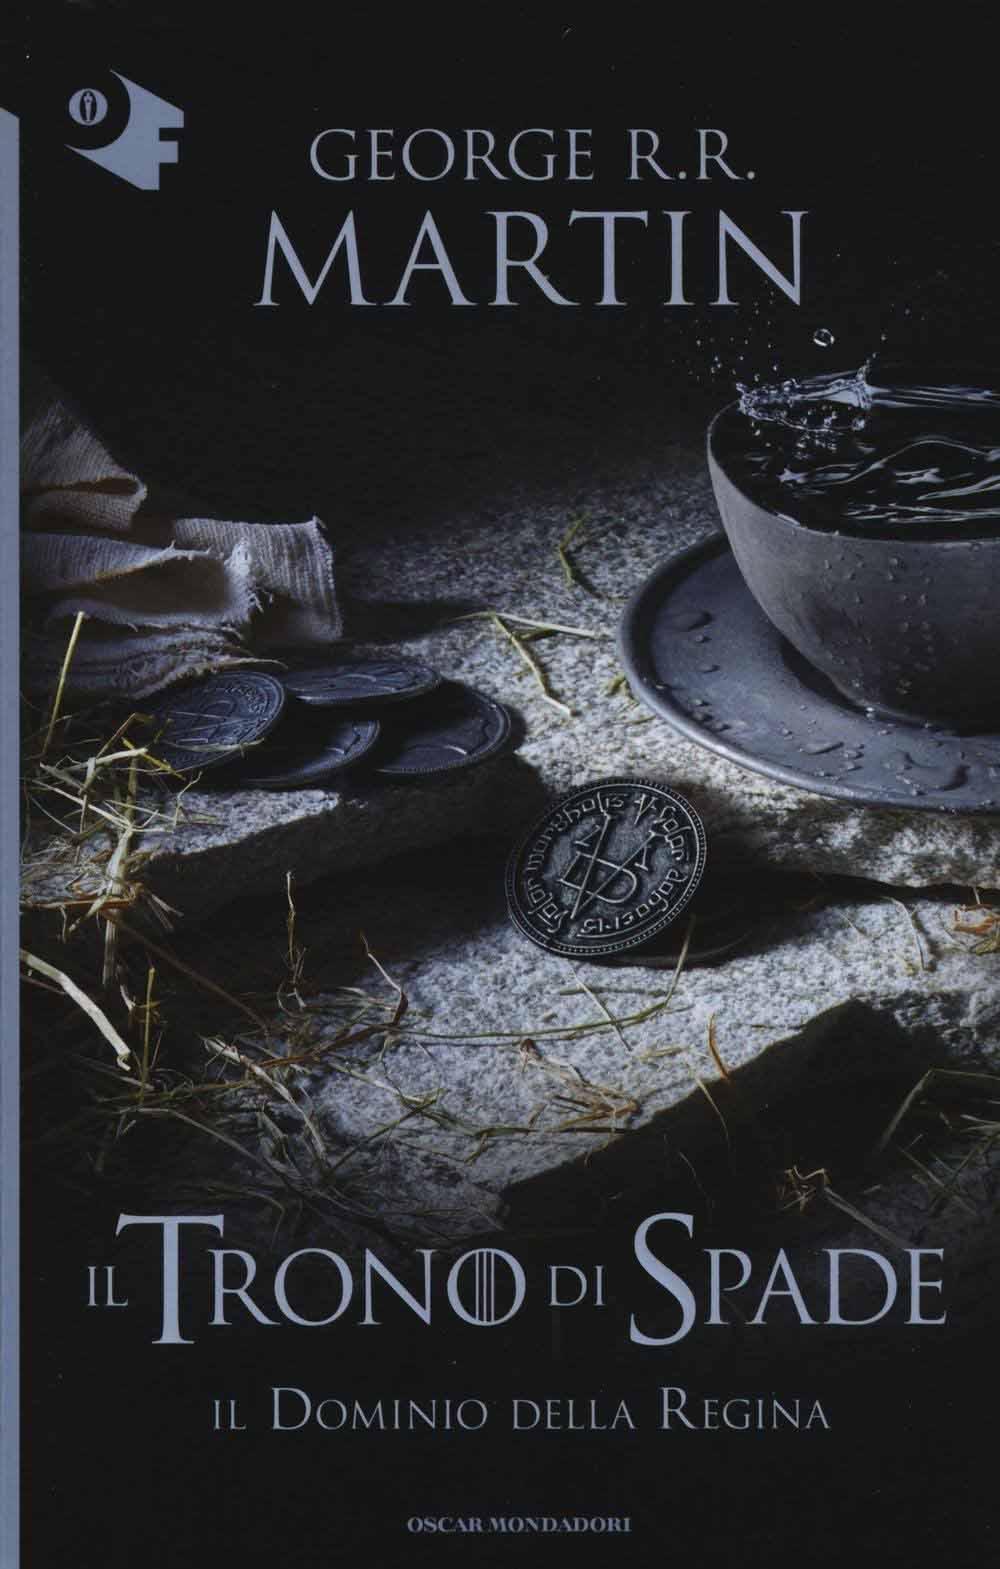 GEORGE R. MARTIN - IL DOMINIO DELLA REGINA. IL TRONO DI SPADE #08